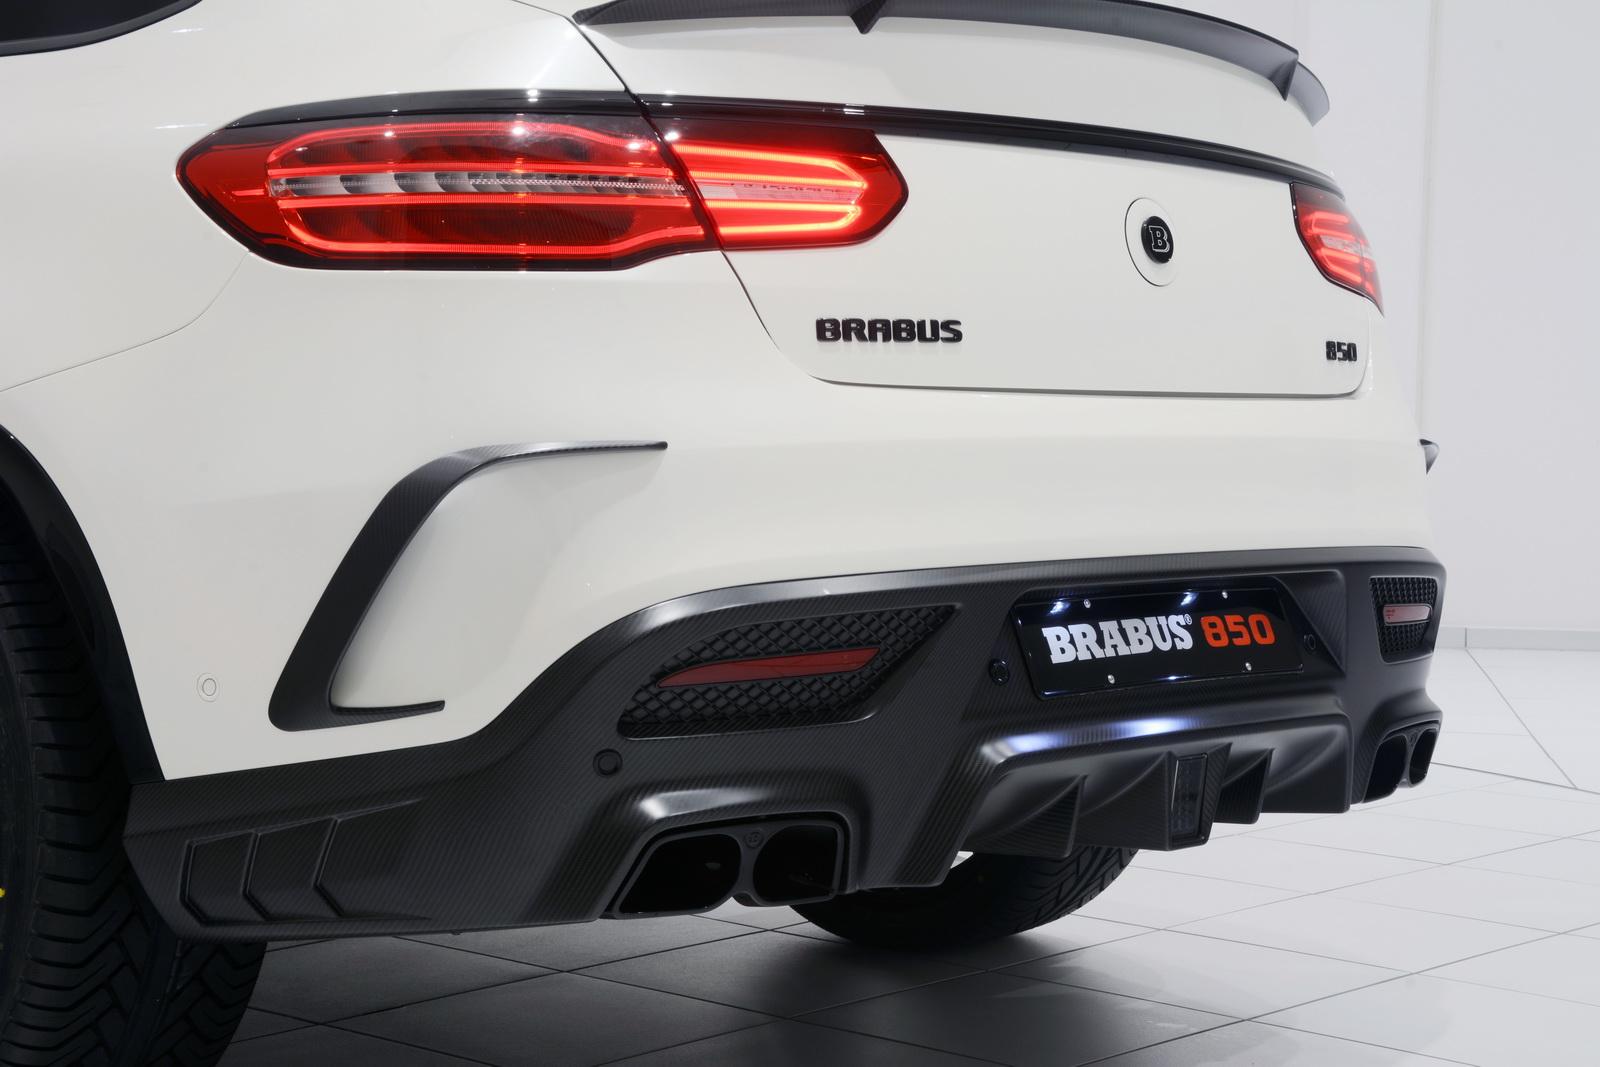 GLE 63 Brabus 850 Coupe